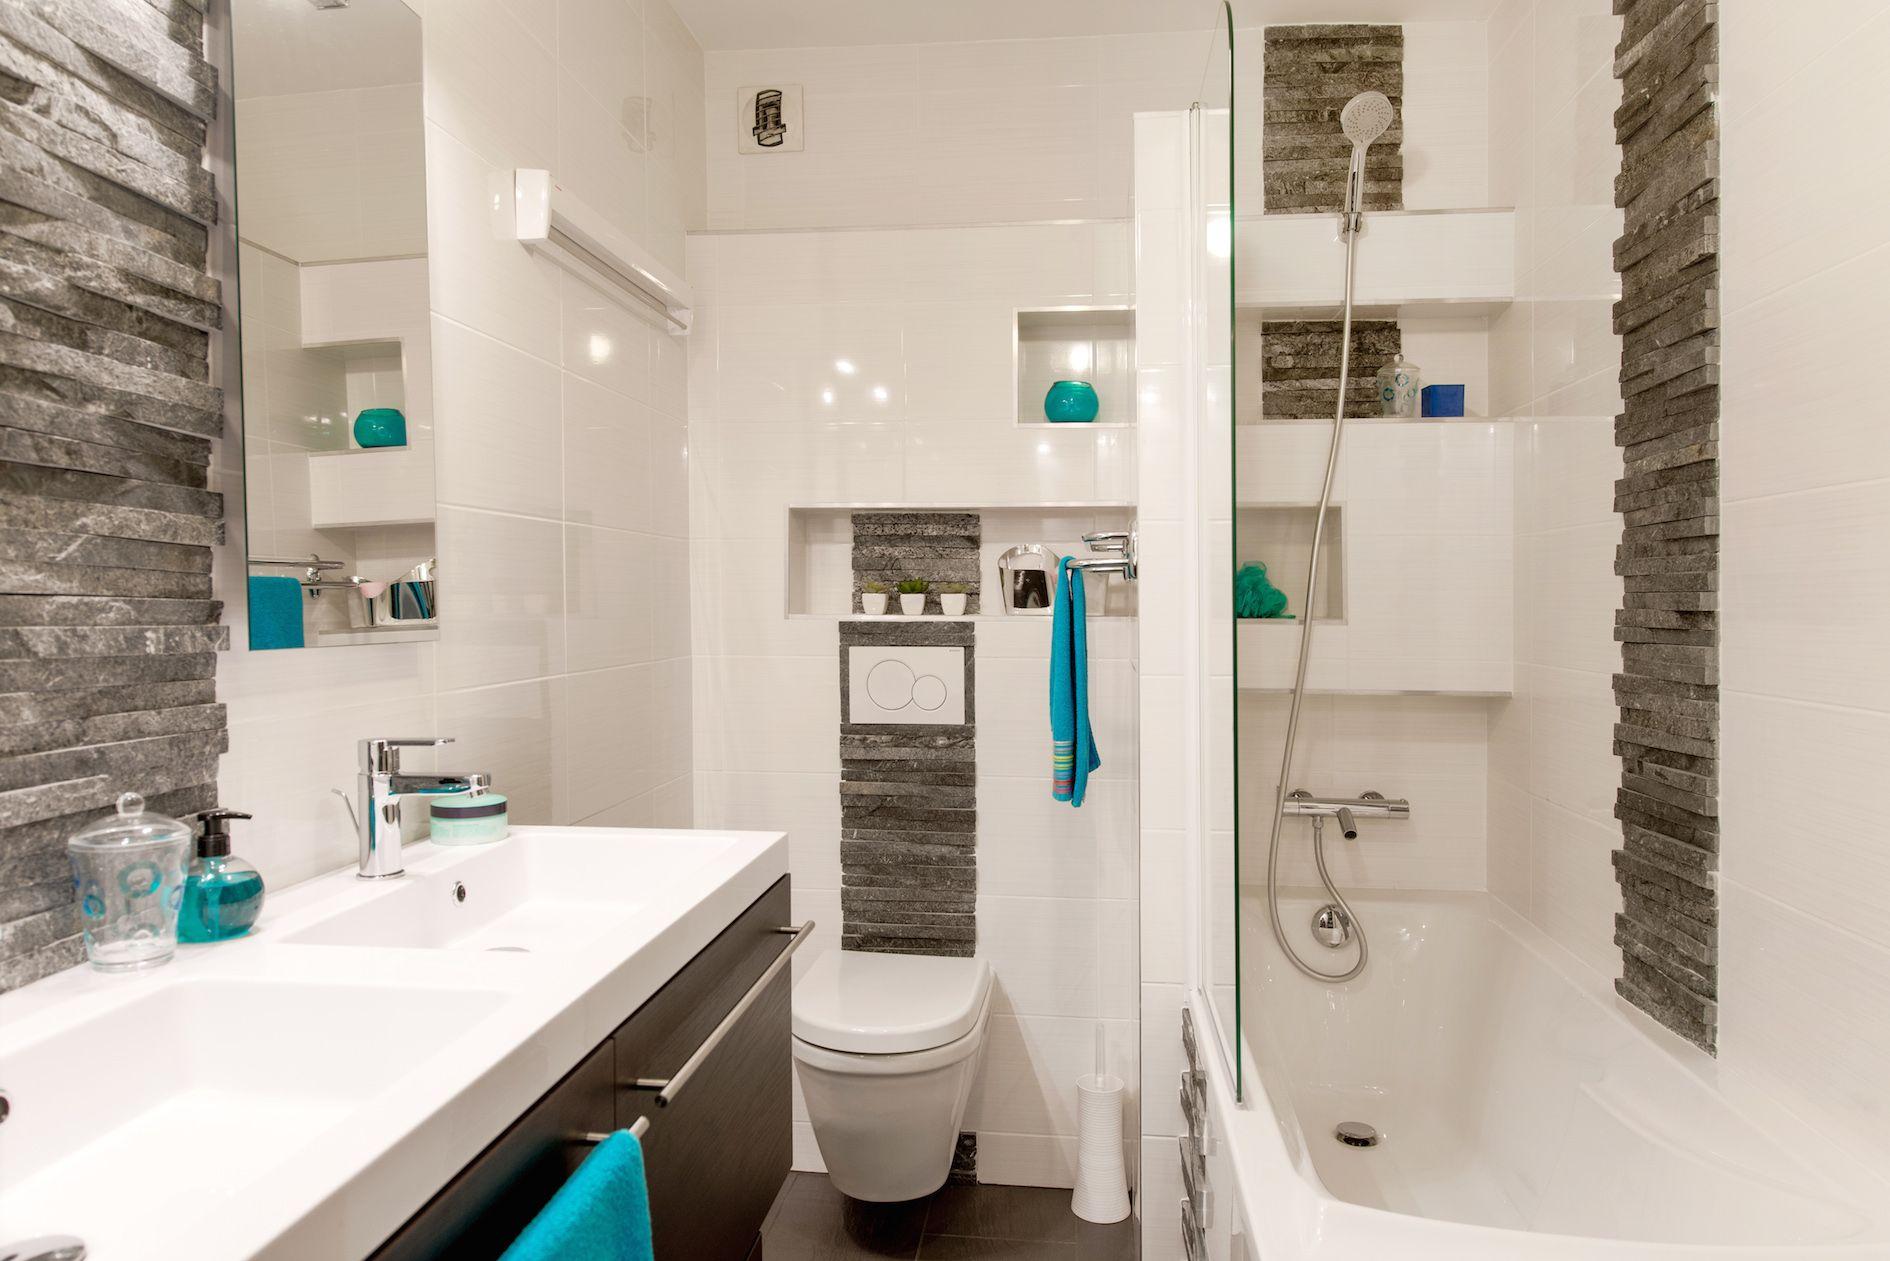 Carrelage Salle De Bain Bleu Gris Des Salles De Bain Bleues - Faience salle de bain ambiance zen